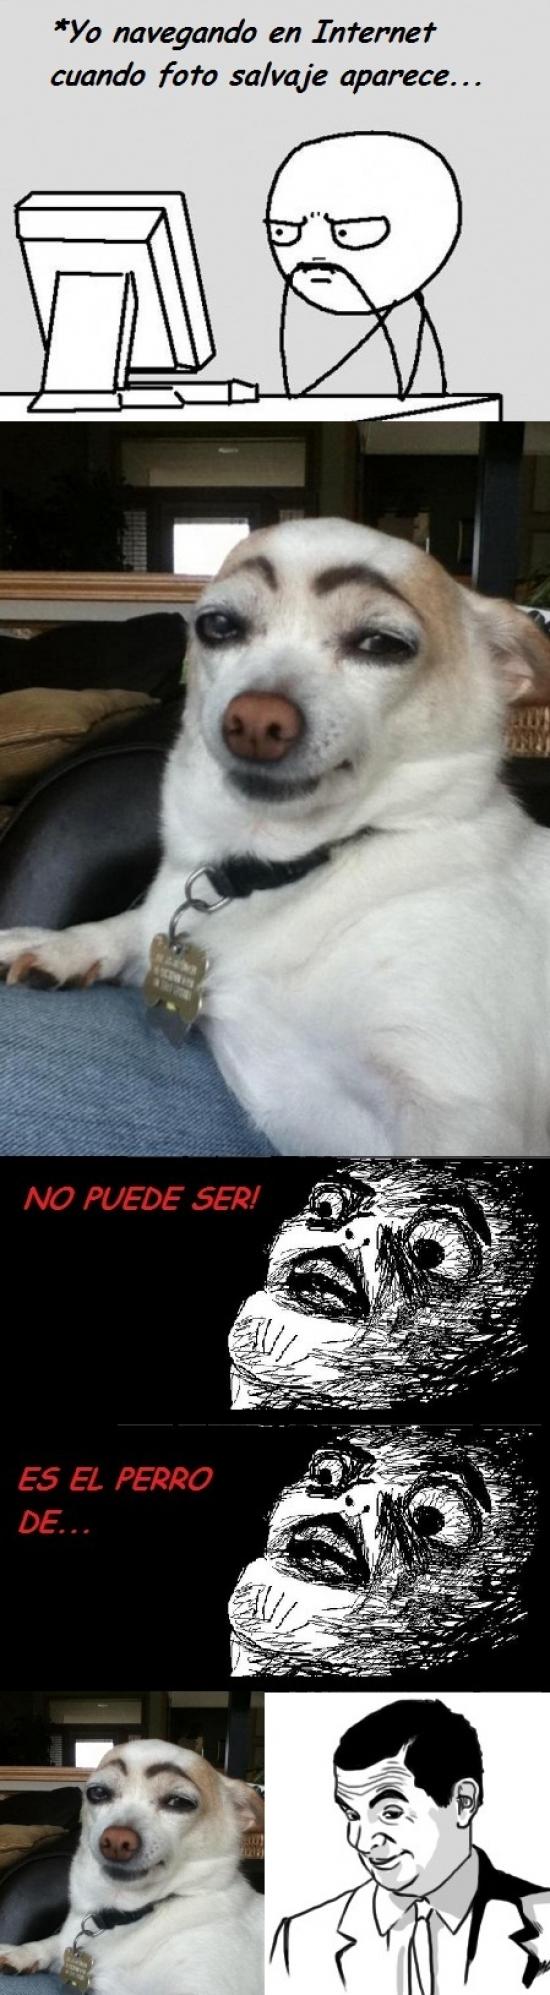 Otros - El perro de Mr. Bean